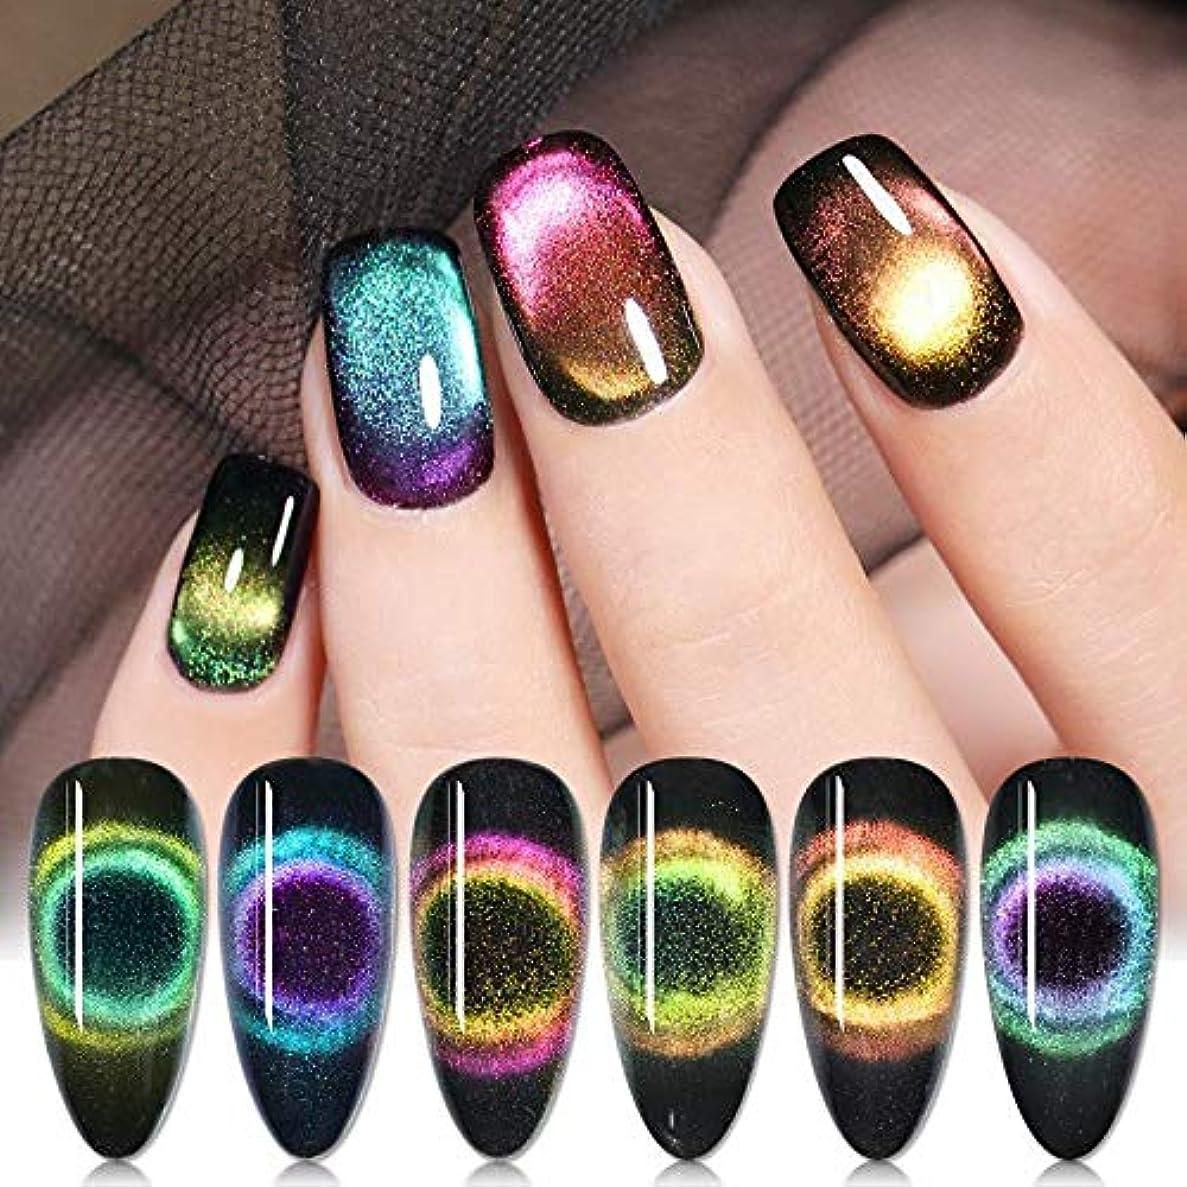 実験室クリップ操作可能BORN PRETTY 9Dキャッツアイジェルカラー 磁石で模様が変わる 5ml 6色選択可 UV/LED対応 ジェルネイルアート (6色セット)